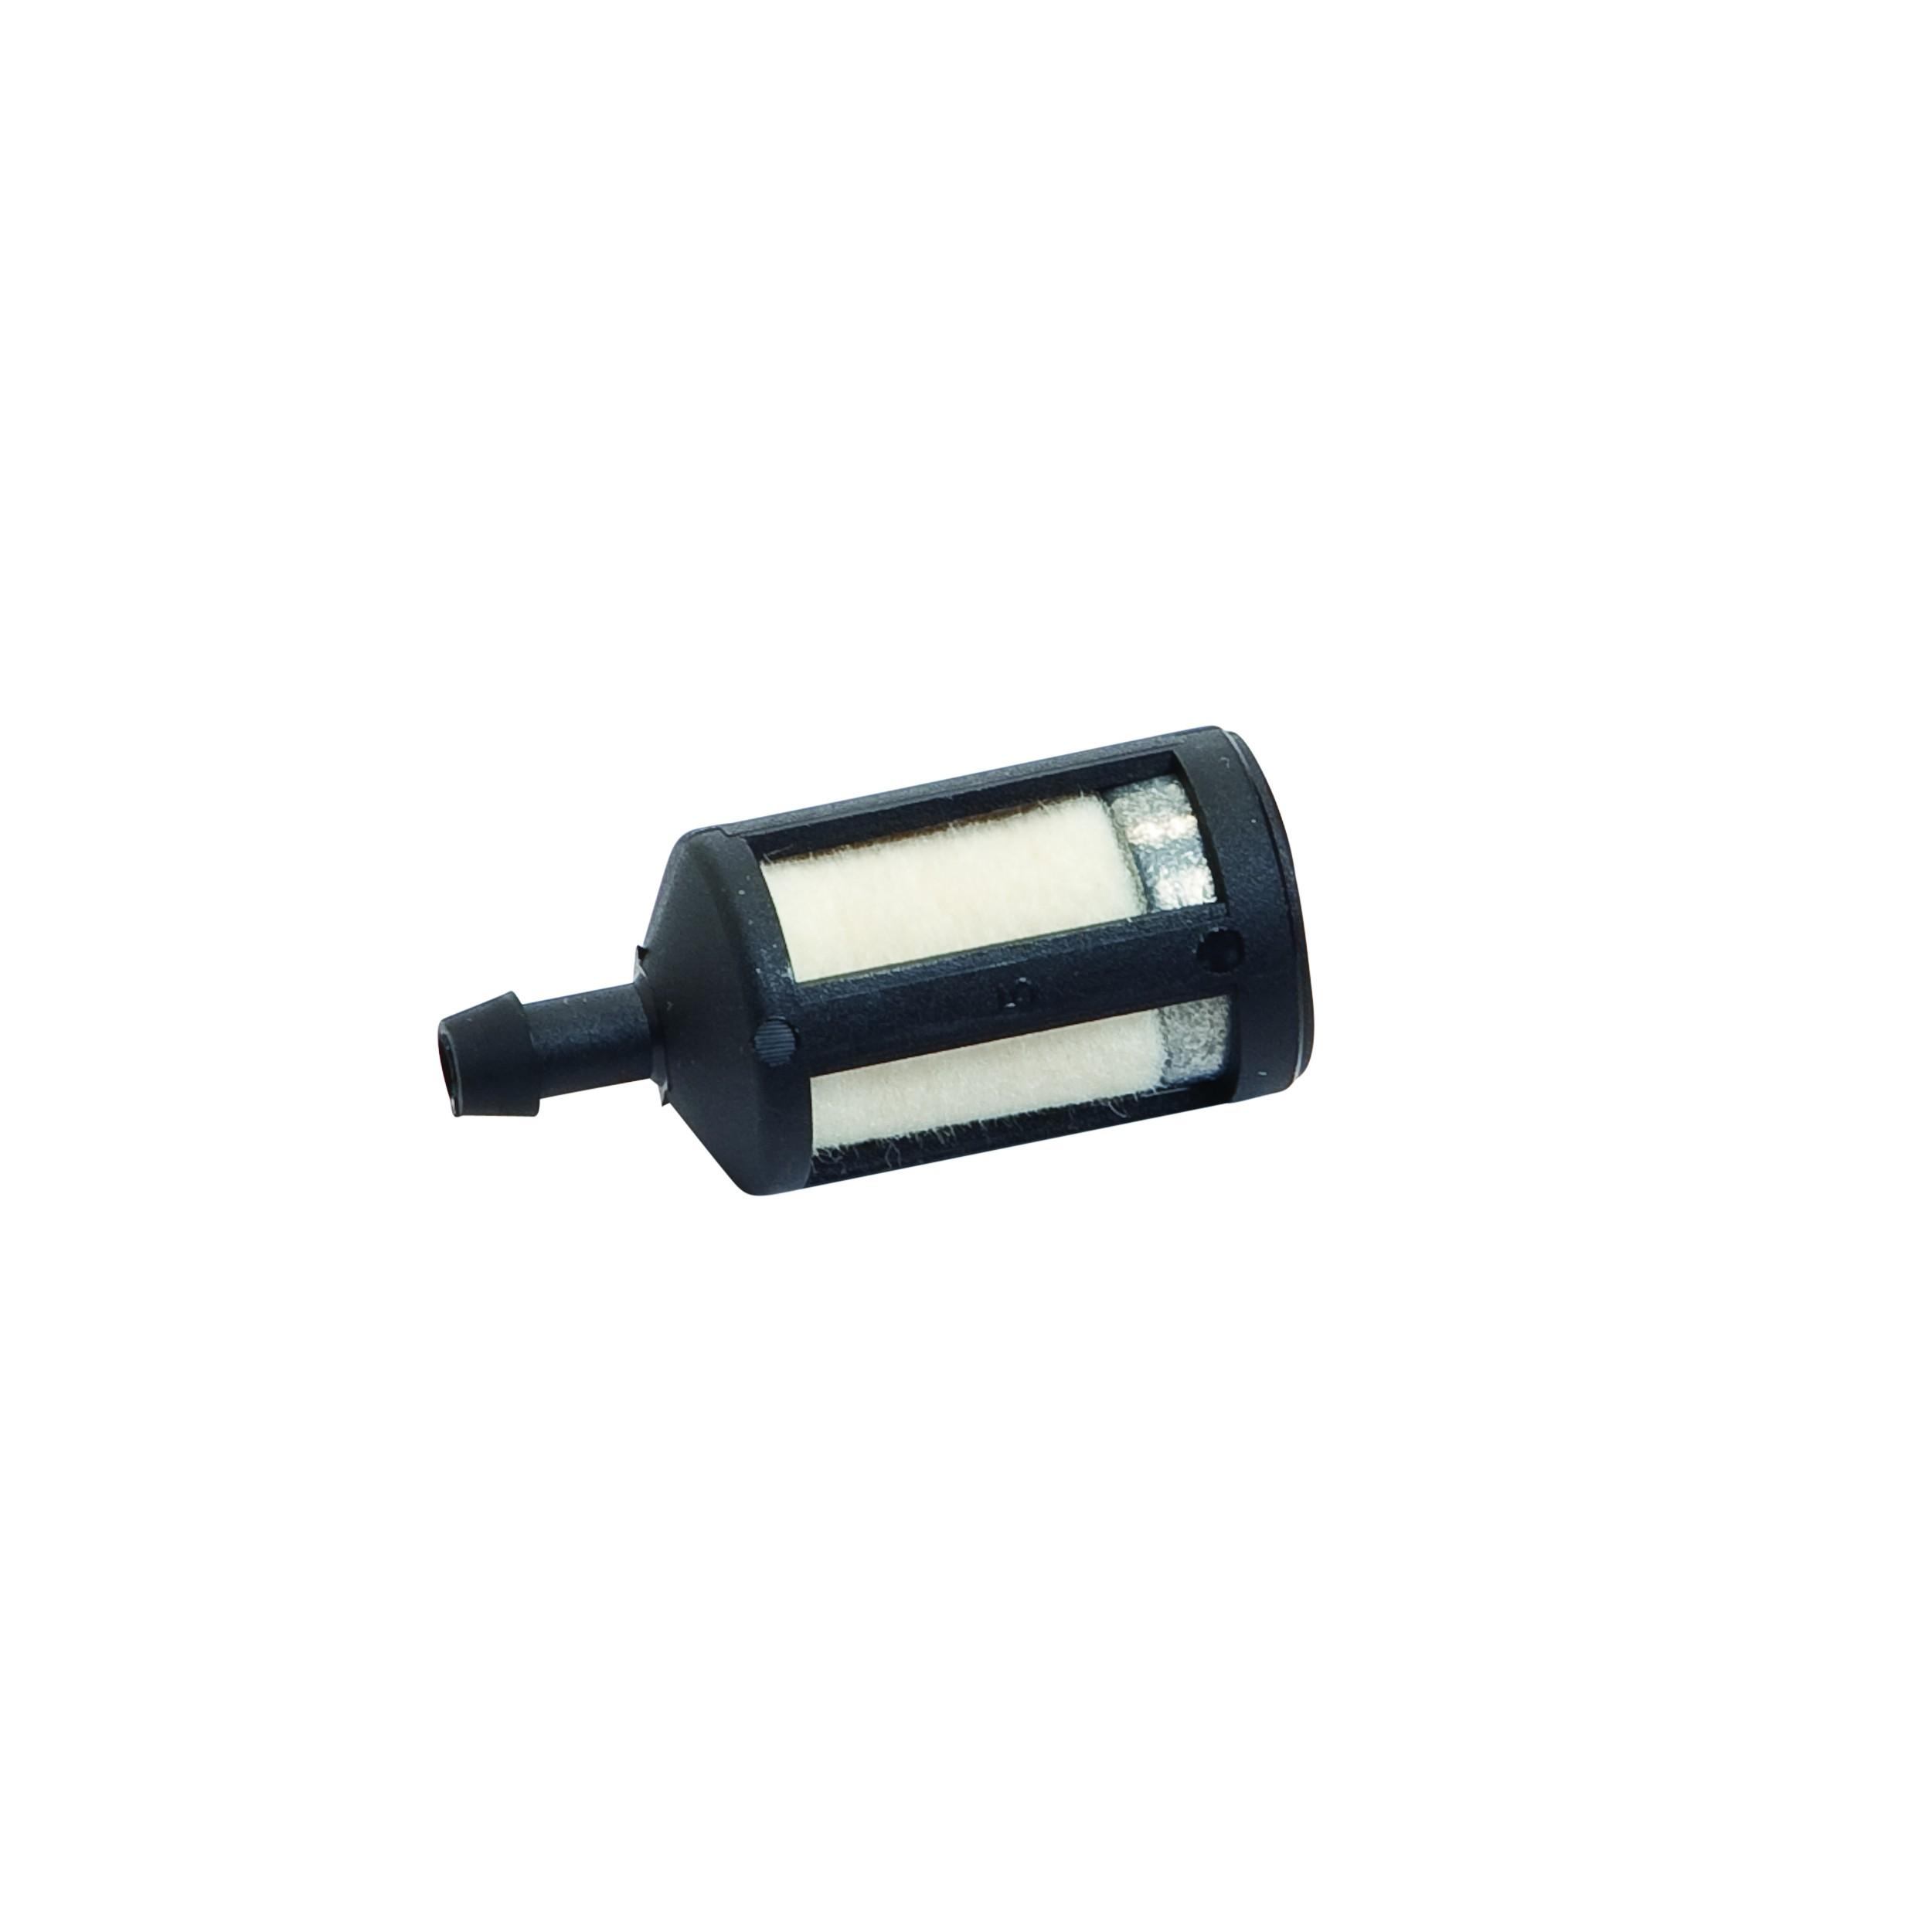 Palivový filtr (typ ZAMA ZF-4) hrdlo 4,8mm